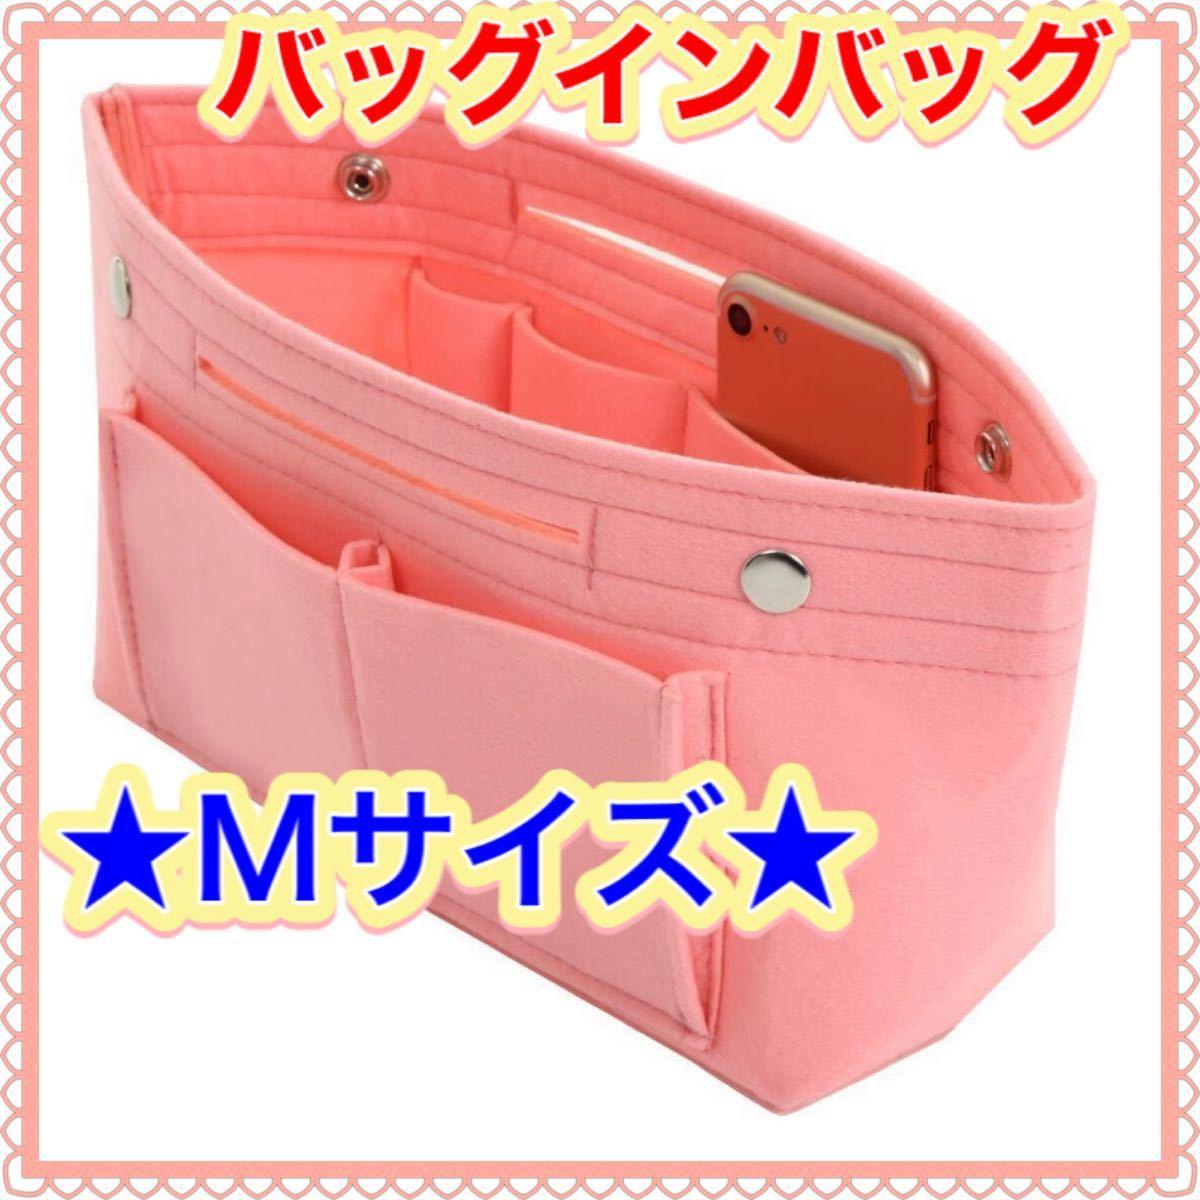 バッグインバッグ ピンク インナーバッグ フェルト 軽量 バックインバック  大容量 ハンドバッグ バッグ整理 ポーチ